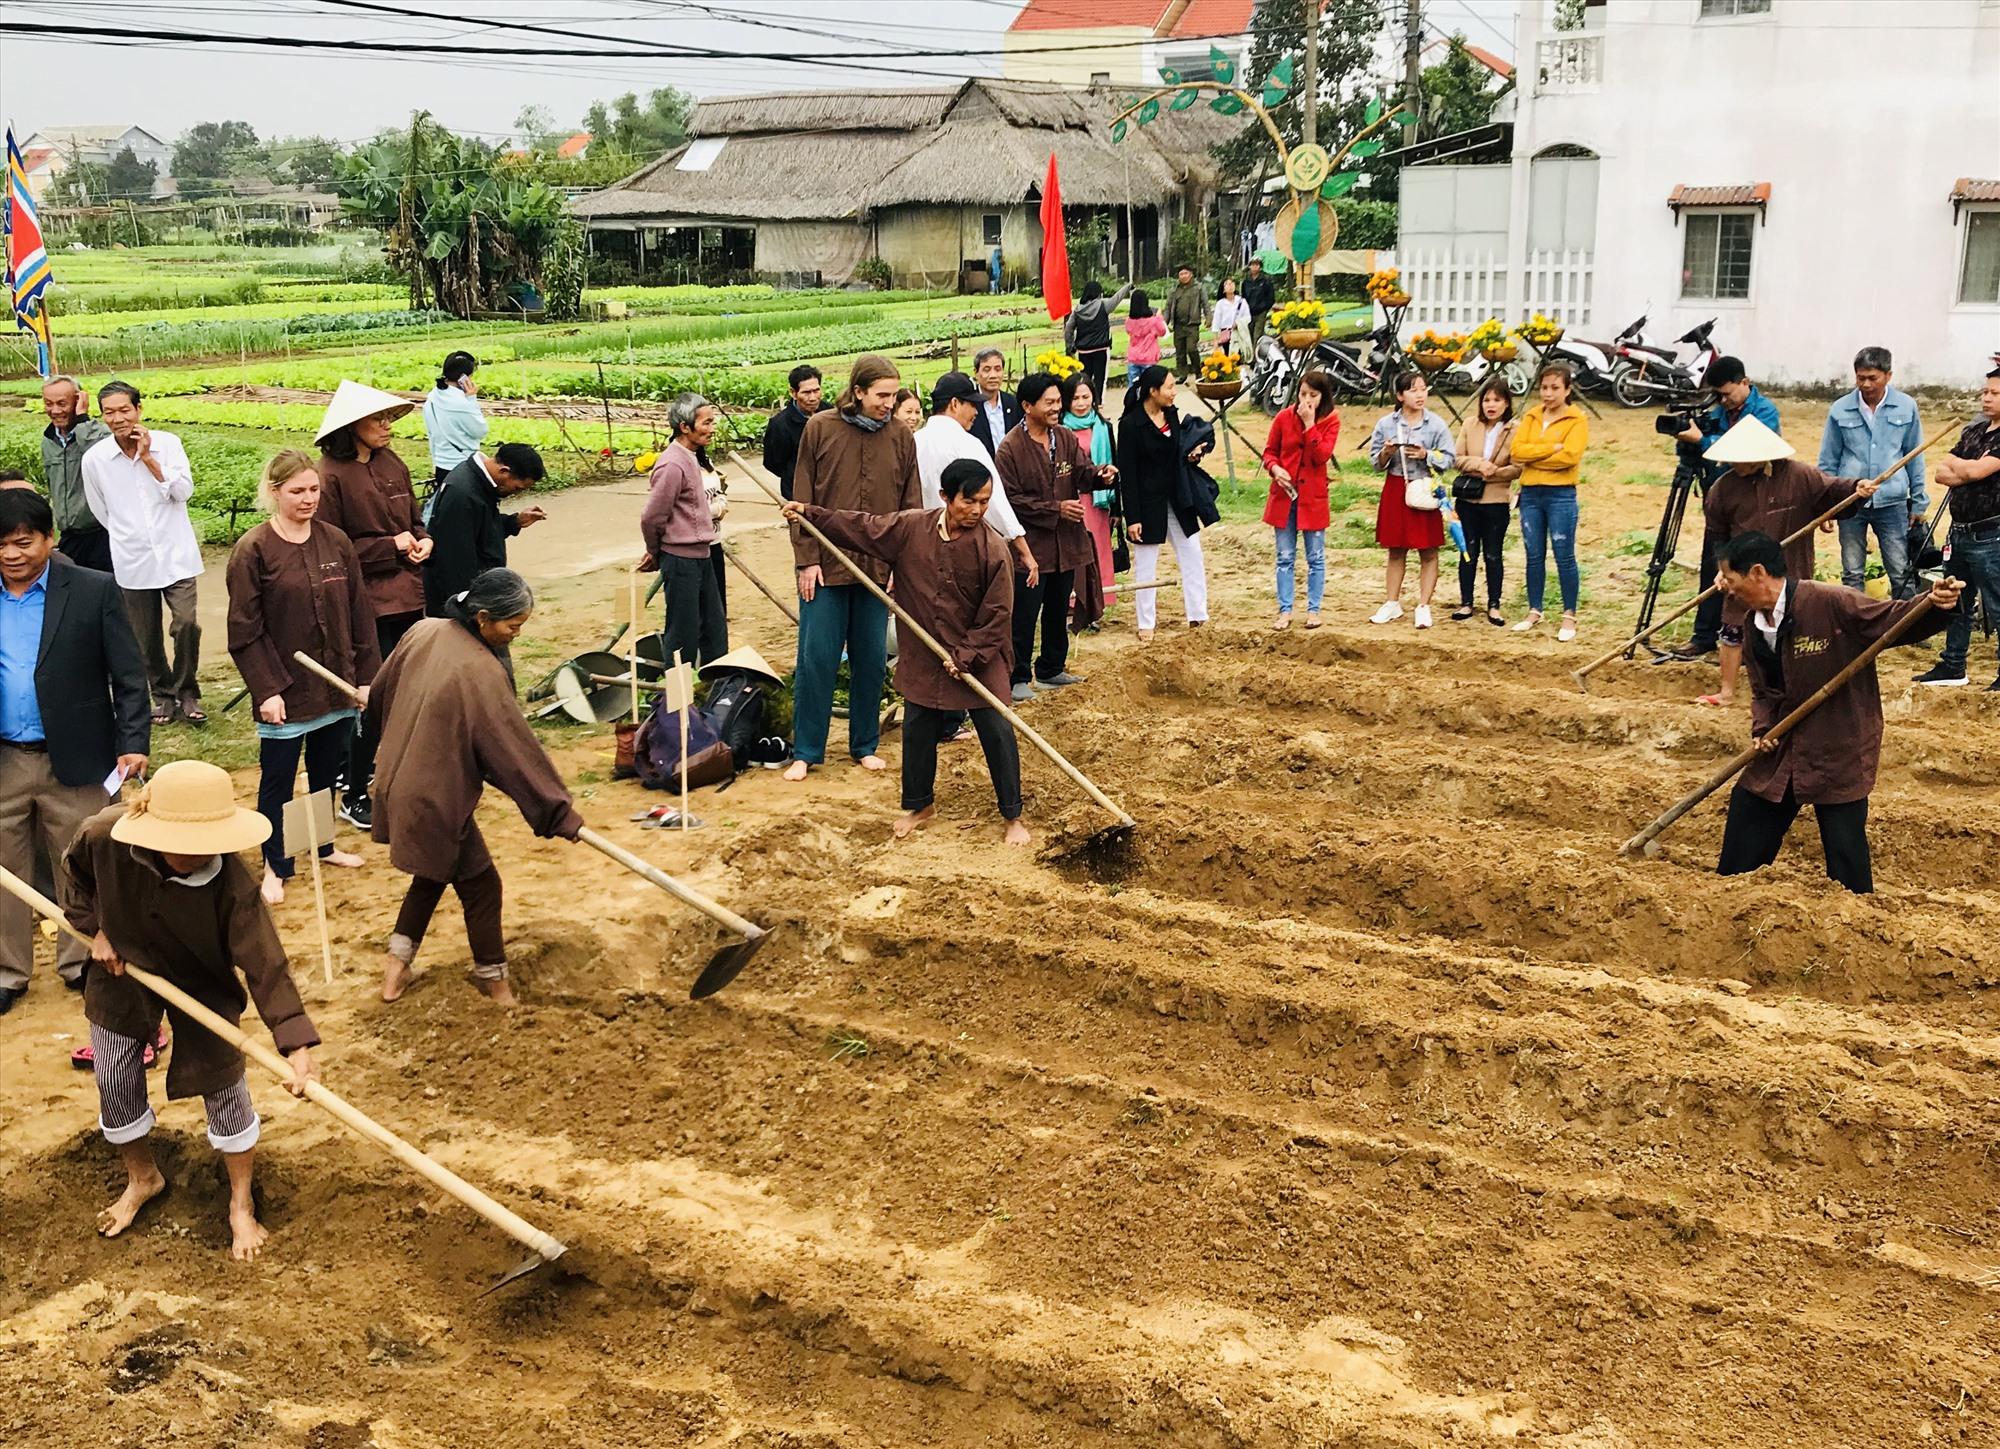 Nông nghiệp đô thị sẽ nâng cao giá trị nhiều lần nếu kết hợp cùng phát triển du lịch.